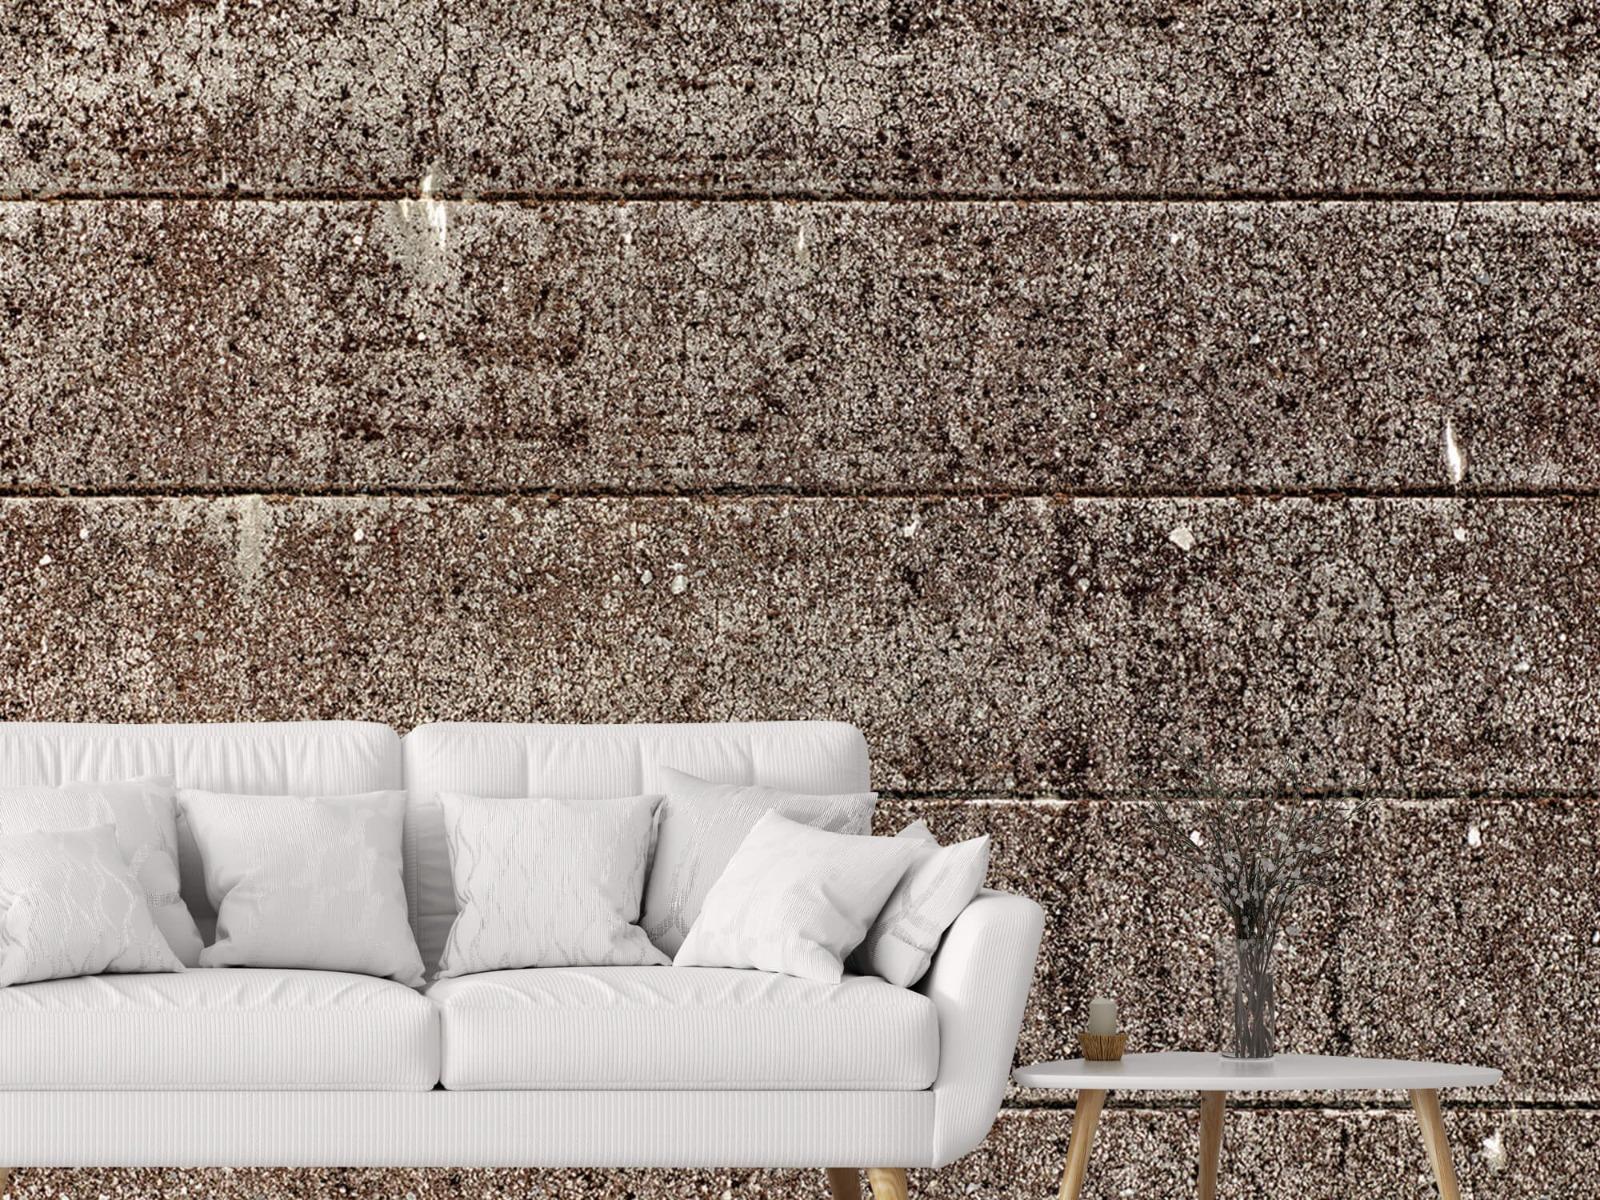 Steen behang - Oude betonnen damwand - Tienerkamer 1